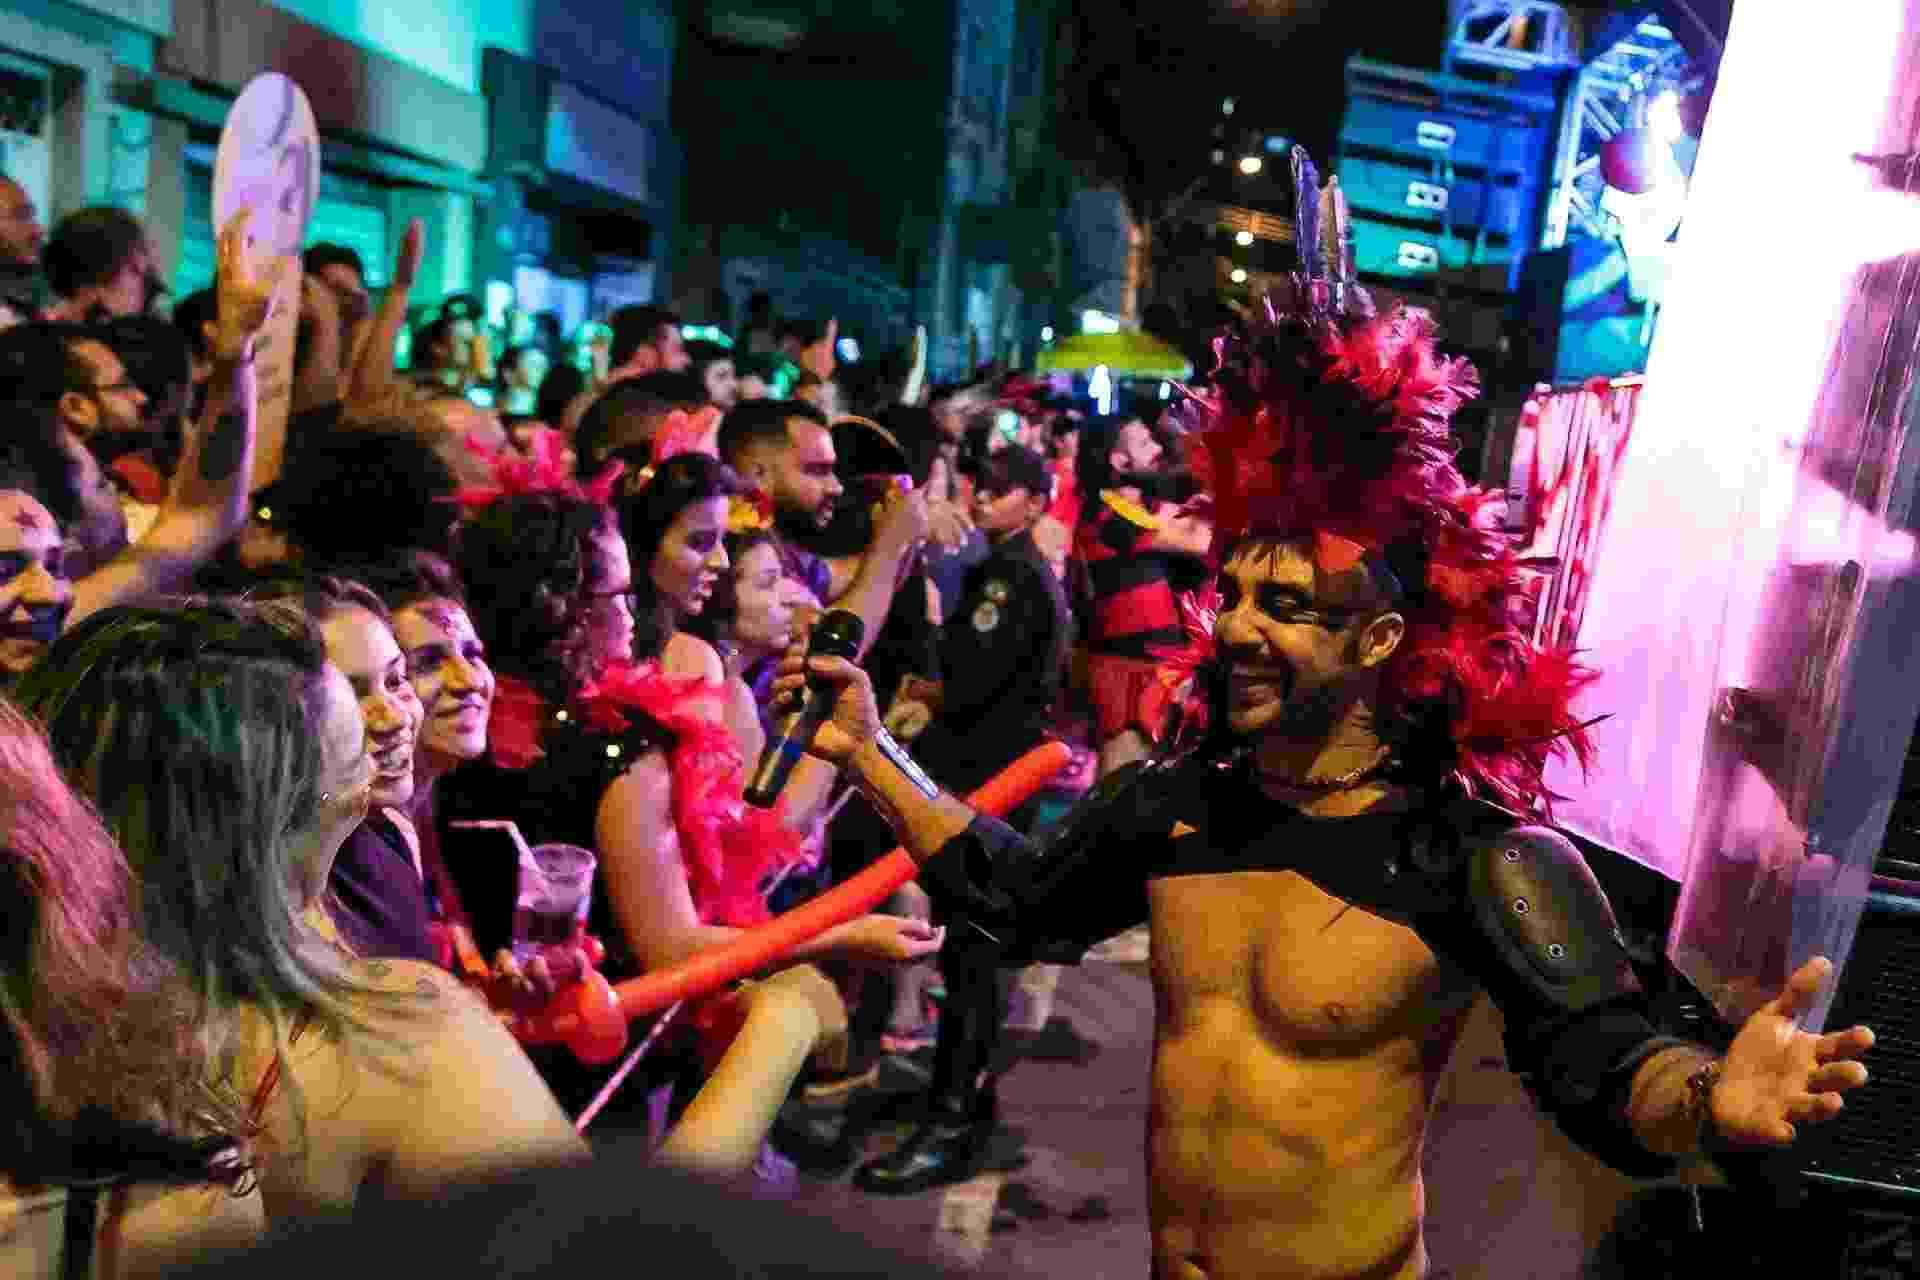 Com seu som definido como uma mistura de axé, rock, pop e macumba, o bloco Roda de Timbau desfilou pelas ruas do bairro Floresta, em Belo Horizonte, na noite desta quinta (8) - Julia Lanari/Divulgação